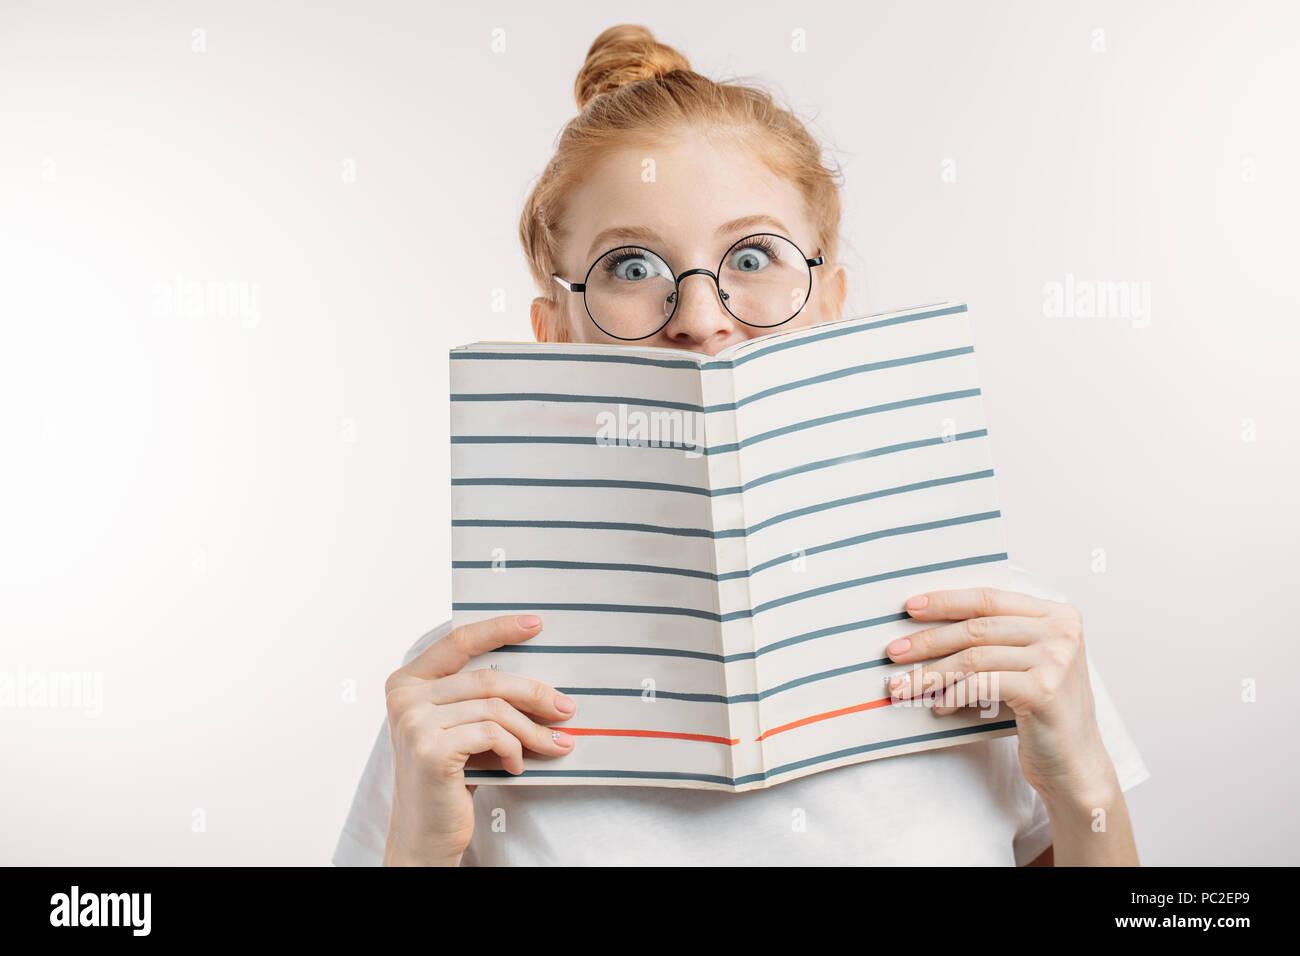 La ragazza ha sorpreso in possesso di un libro. donna è la lettura di una storia straordinaria.tempo libero, hobby concept Immagini Stock